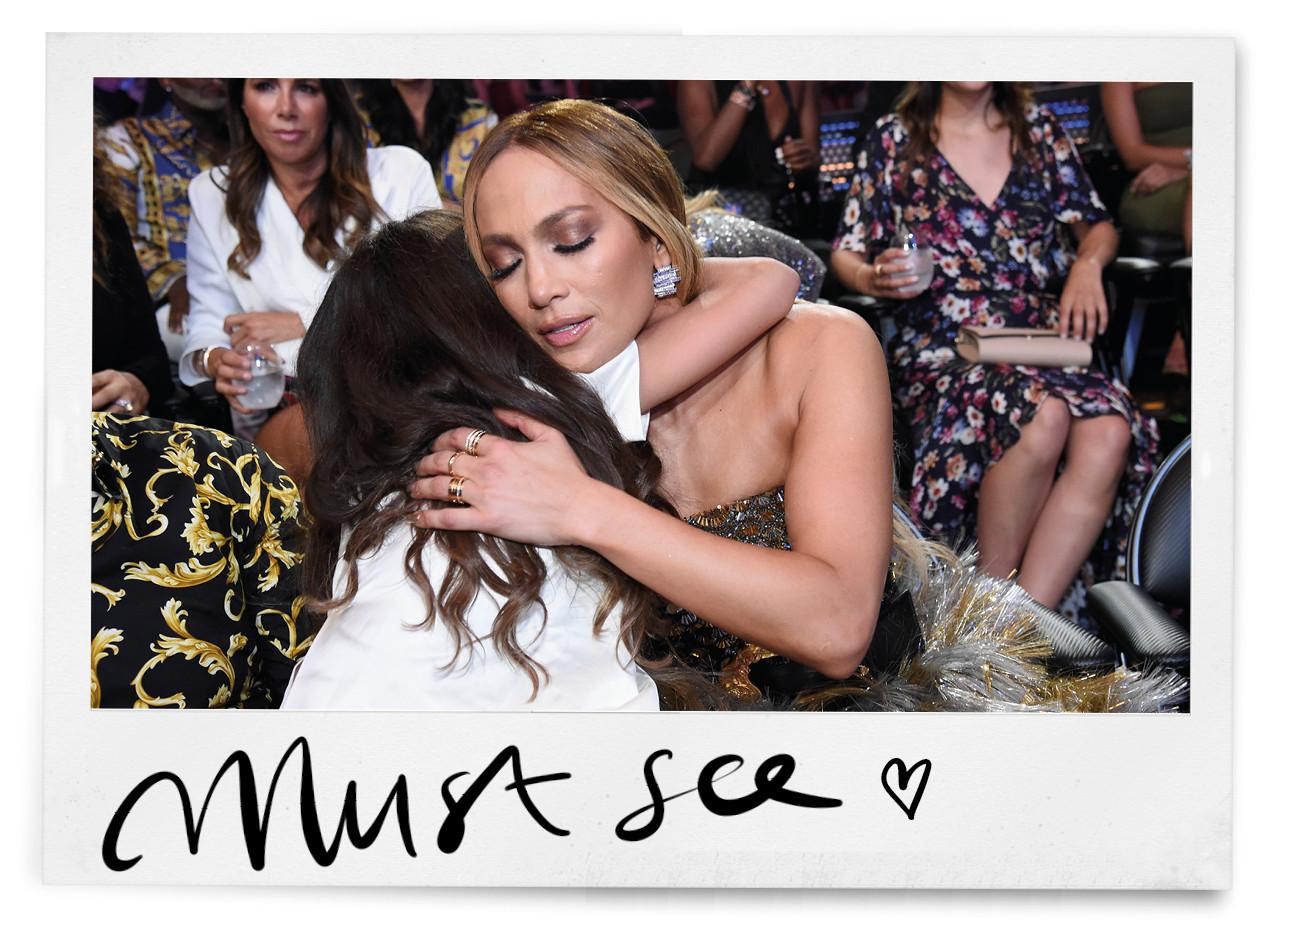 jennifer lopez en dochter geven elkaar een knuffel